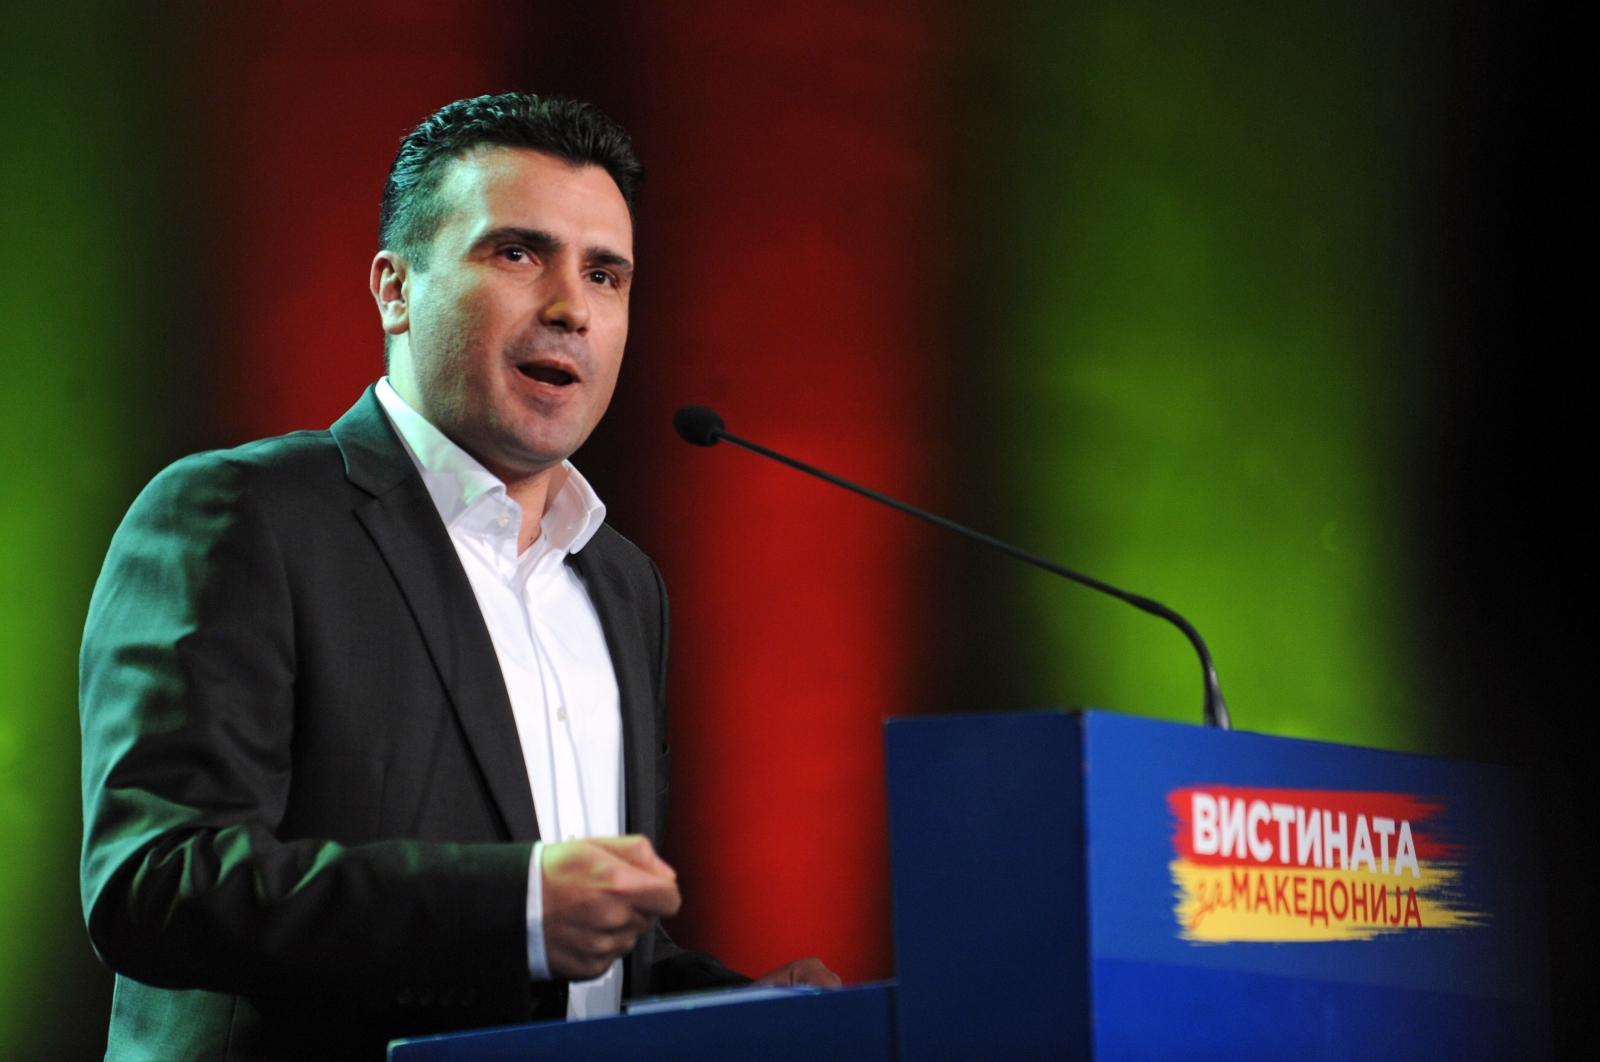 СДСМ  Груевски да се соочи со правдата  доста ги малтретира луѓето да ги бранат неговите криминали